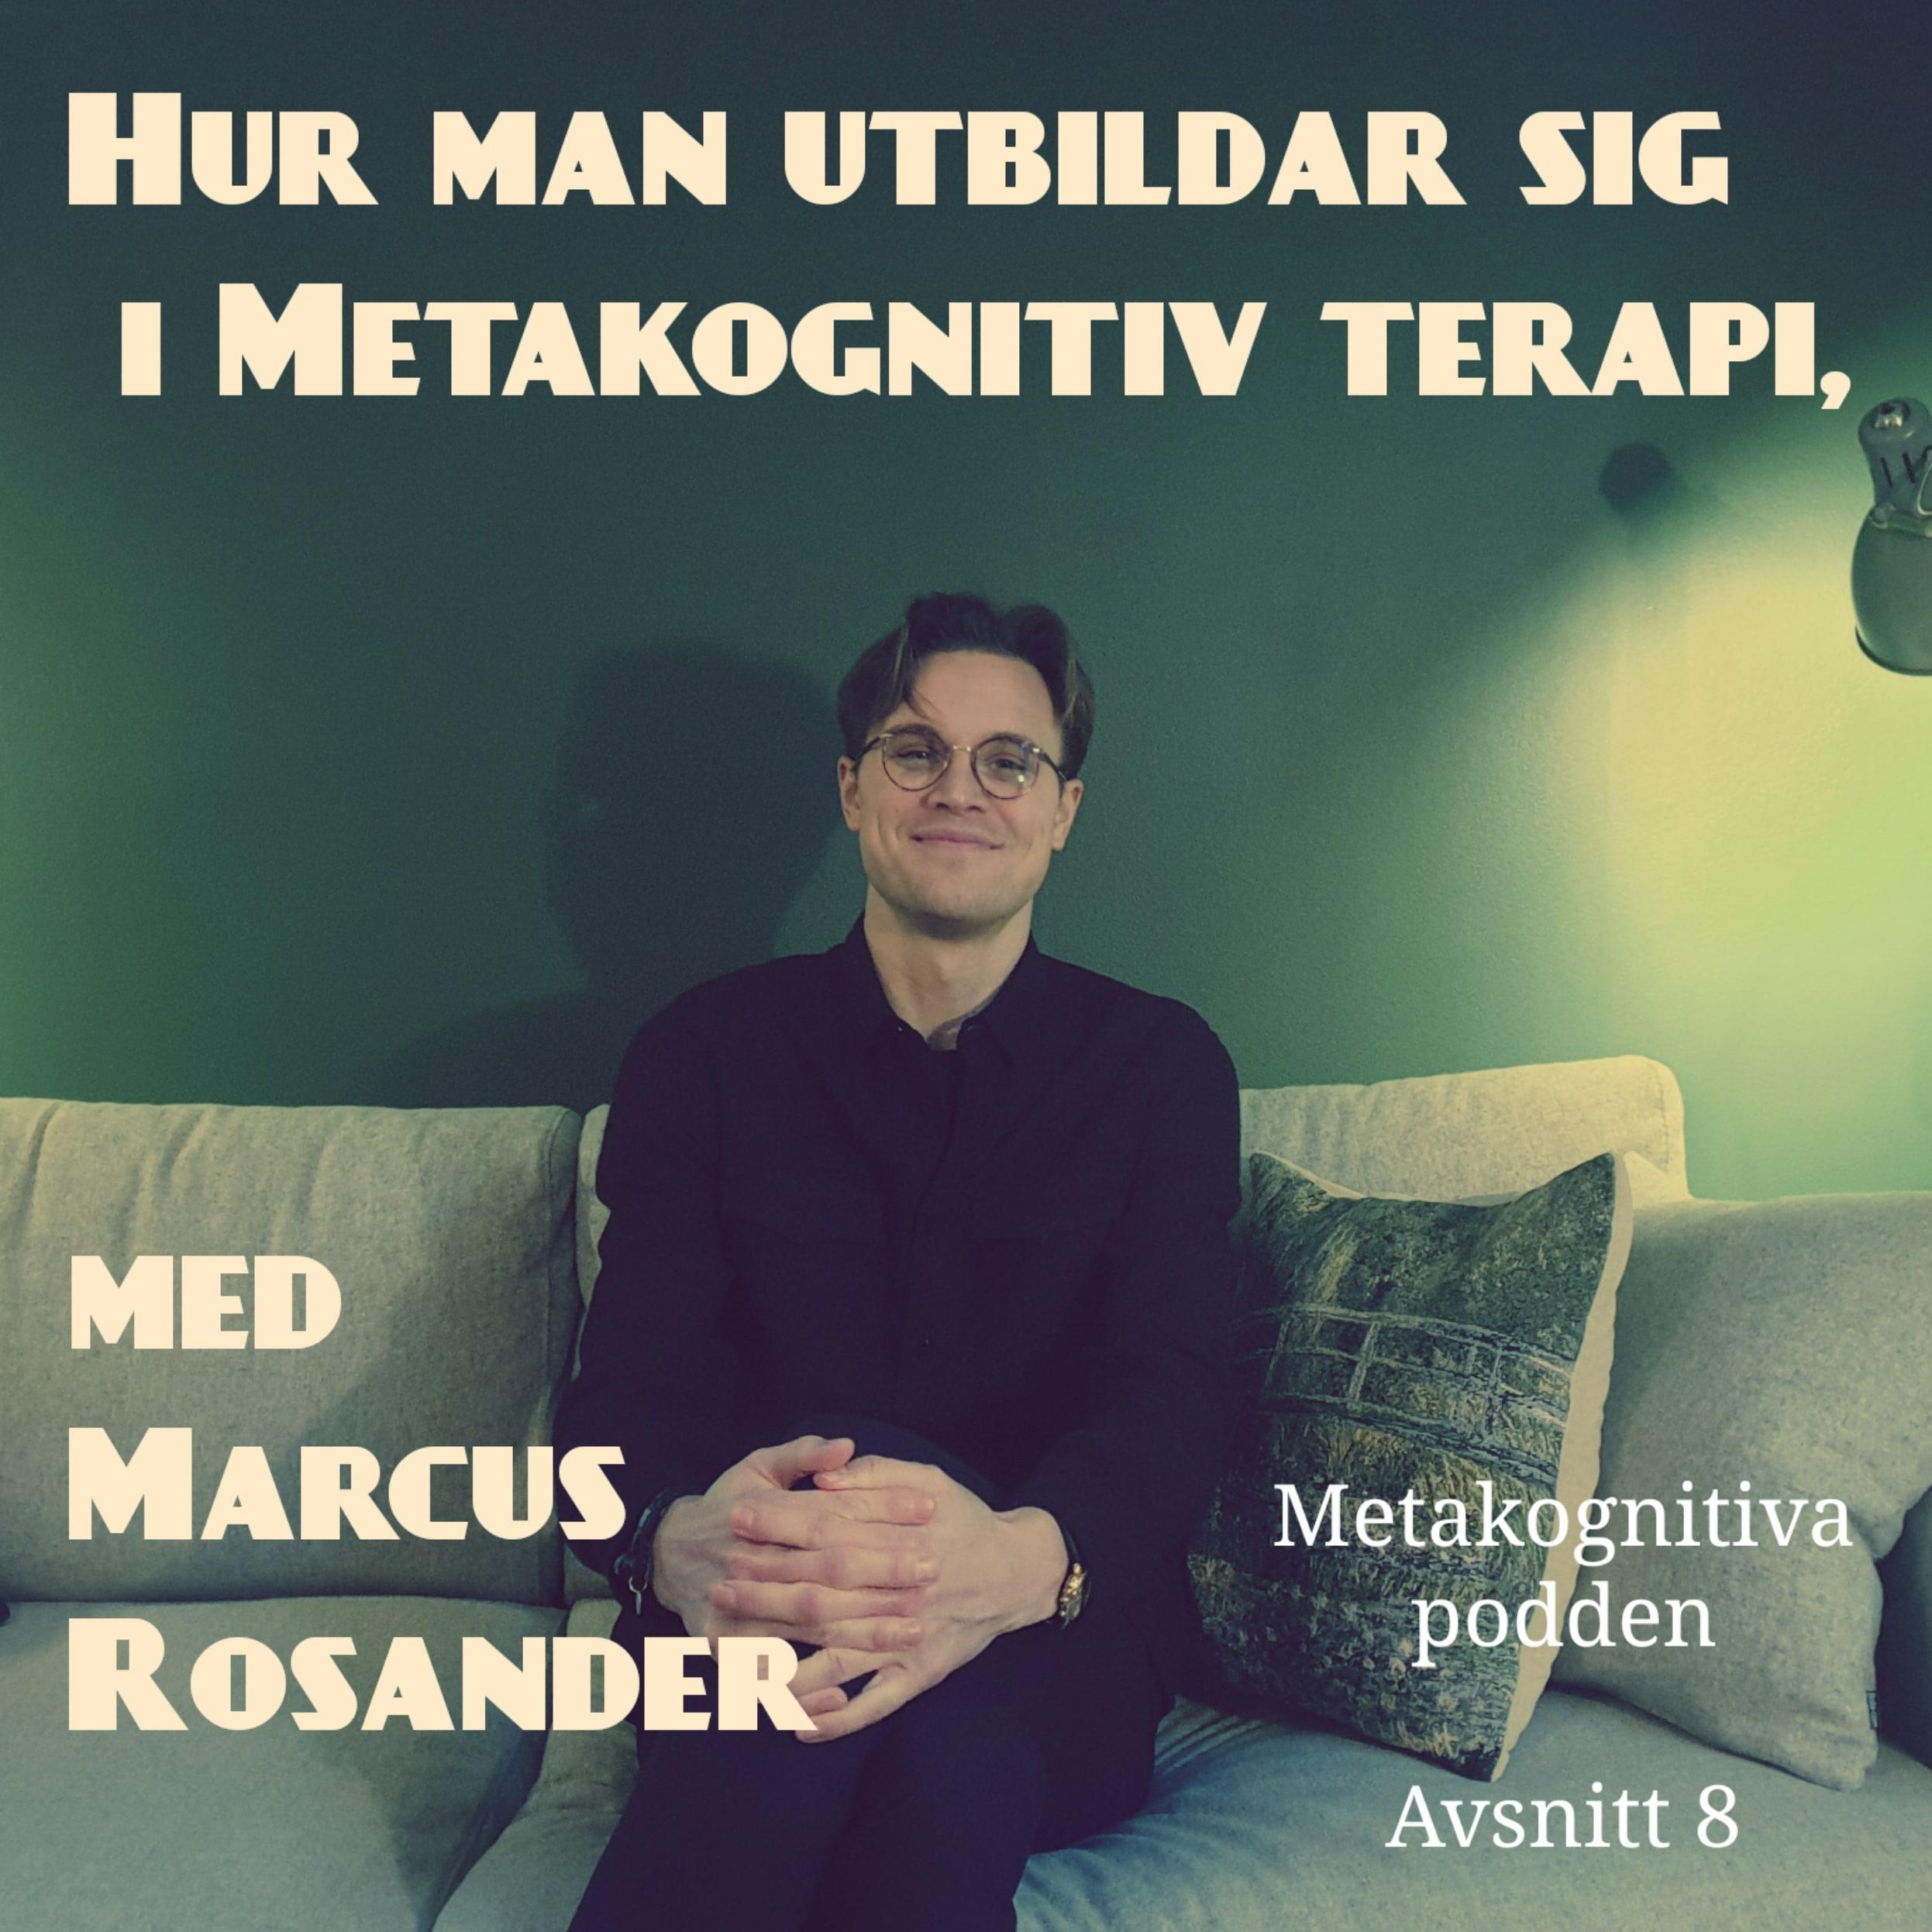 8. Hur man utbildar sig i Metakognitiv terapi, med Marcus Rosander